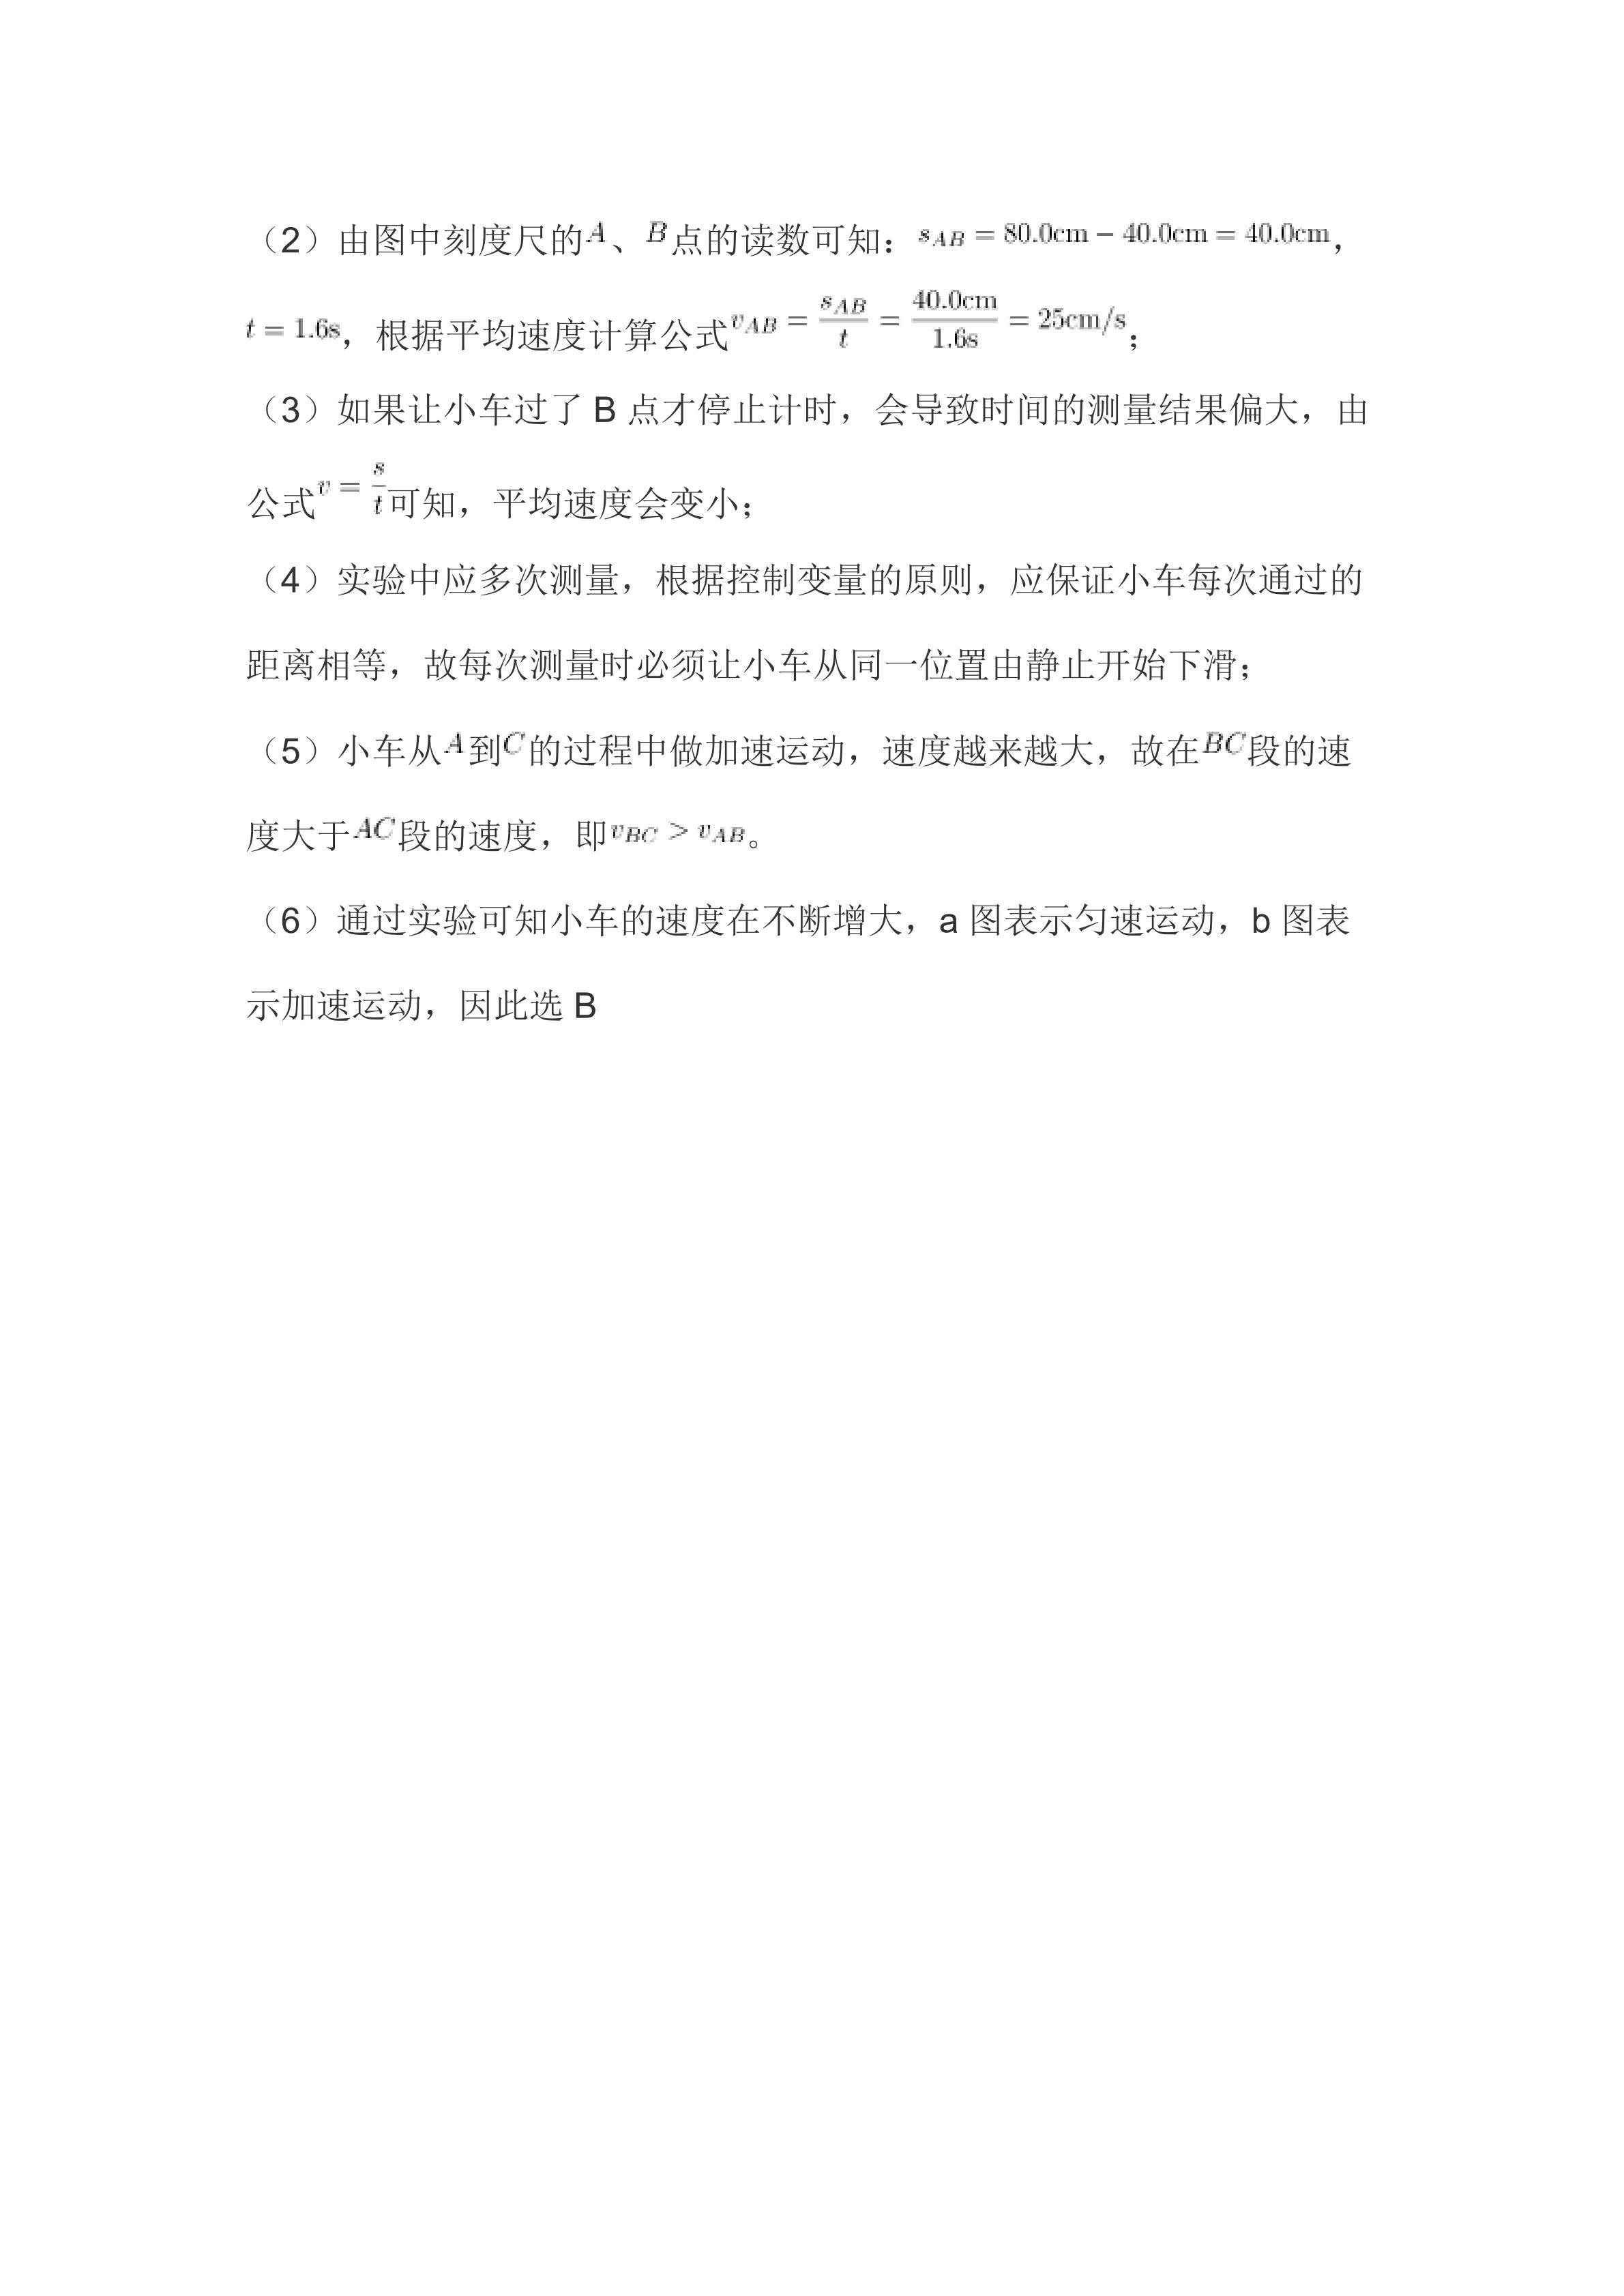 2018-2019 广州荔湾区初二上期末物理答案_07.png